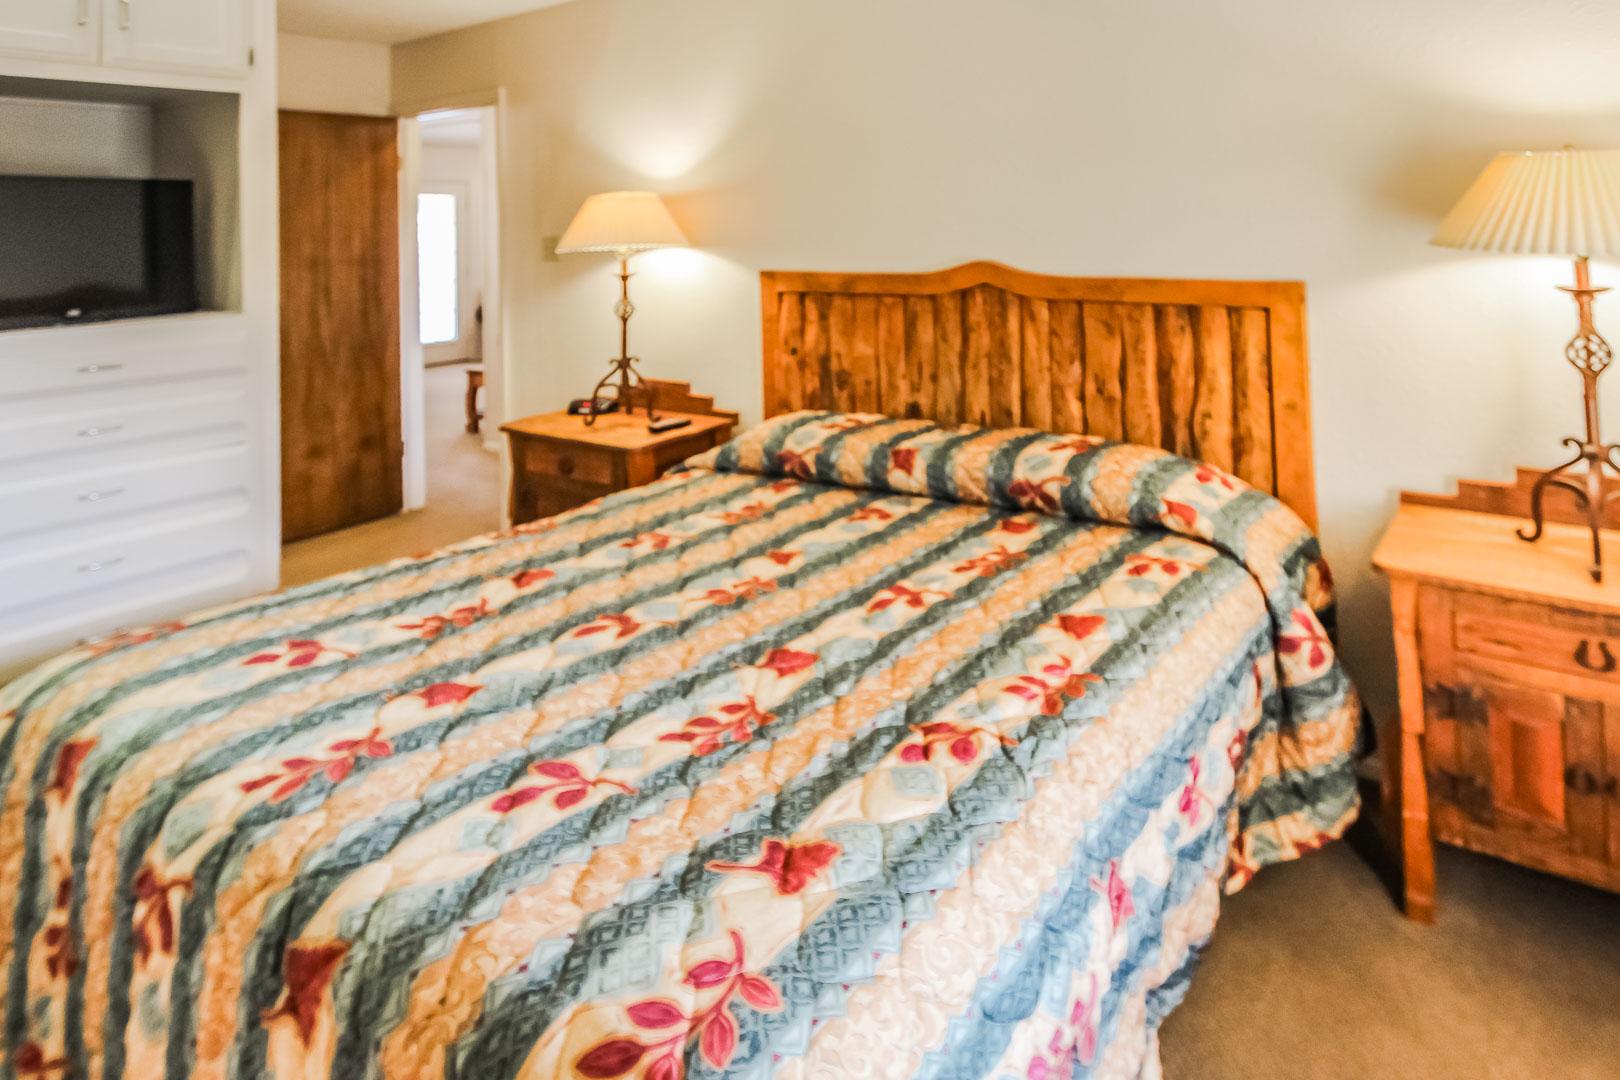 A spacious master bedroom at VRI's Vacation Village at Lake Travis in Texas.